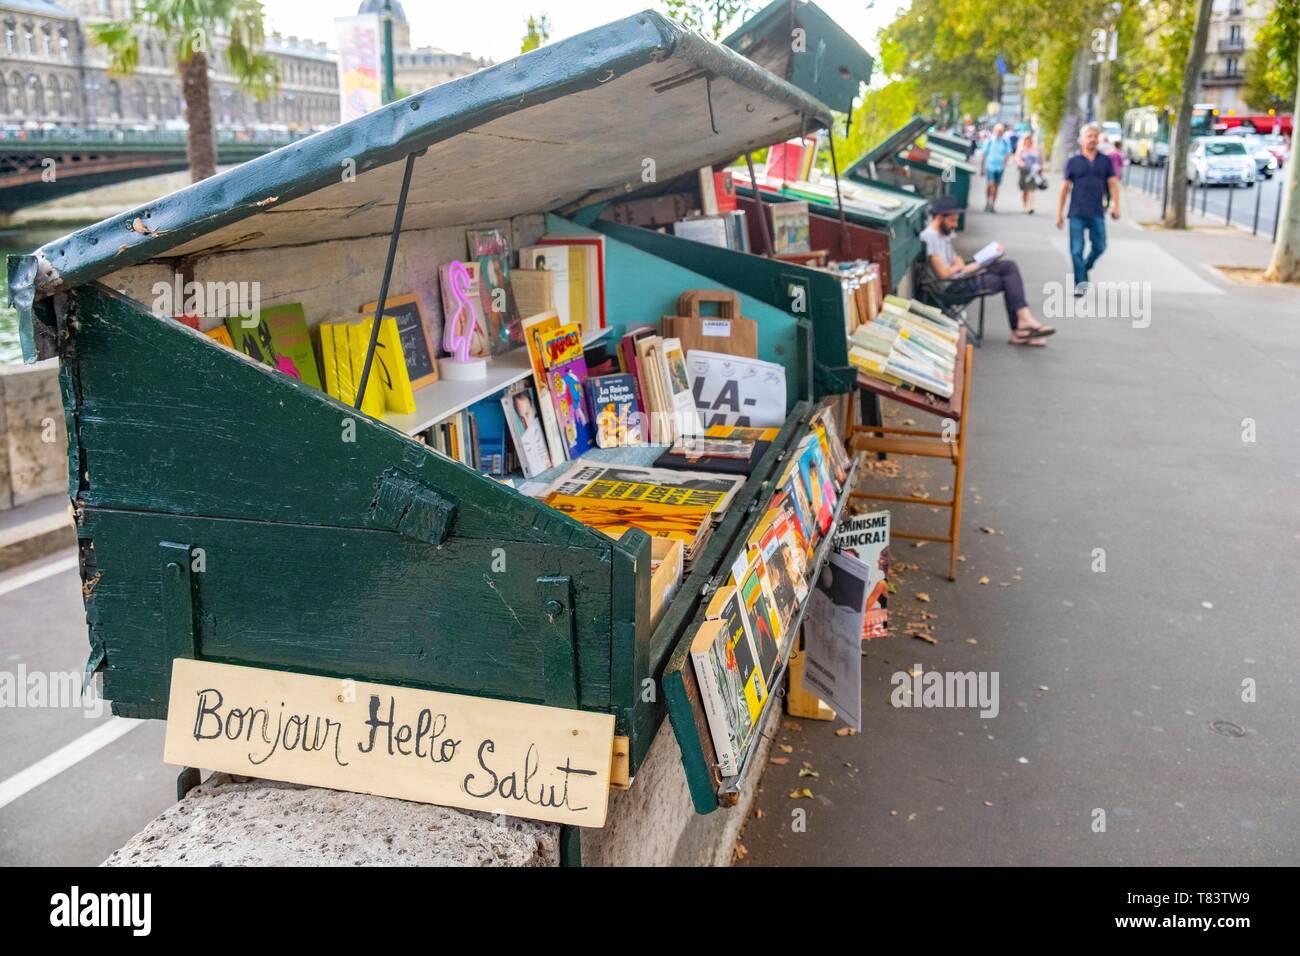 France, Paris, Quai de Gesvres, the Bouquinistes - Stock Image